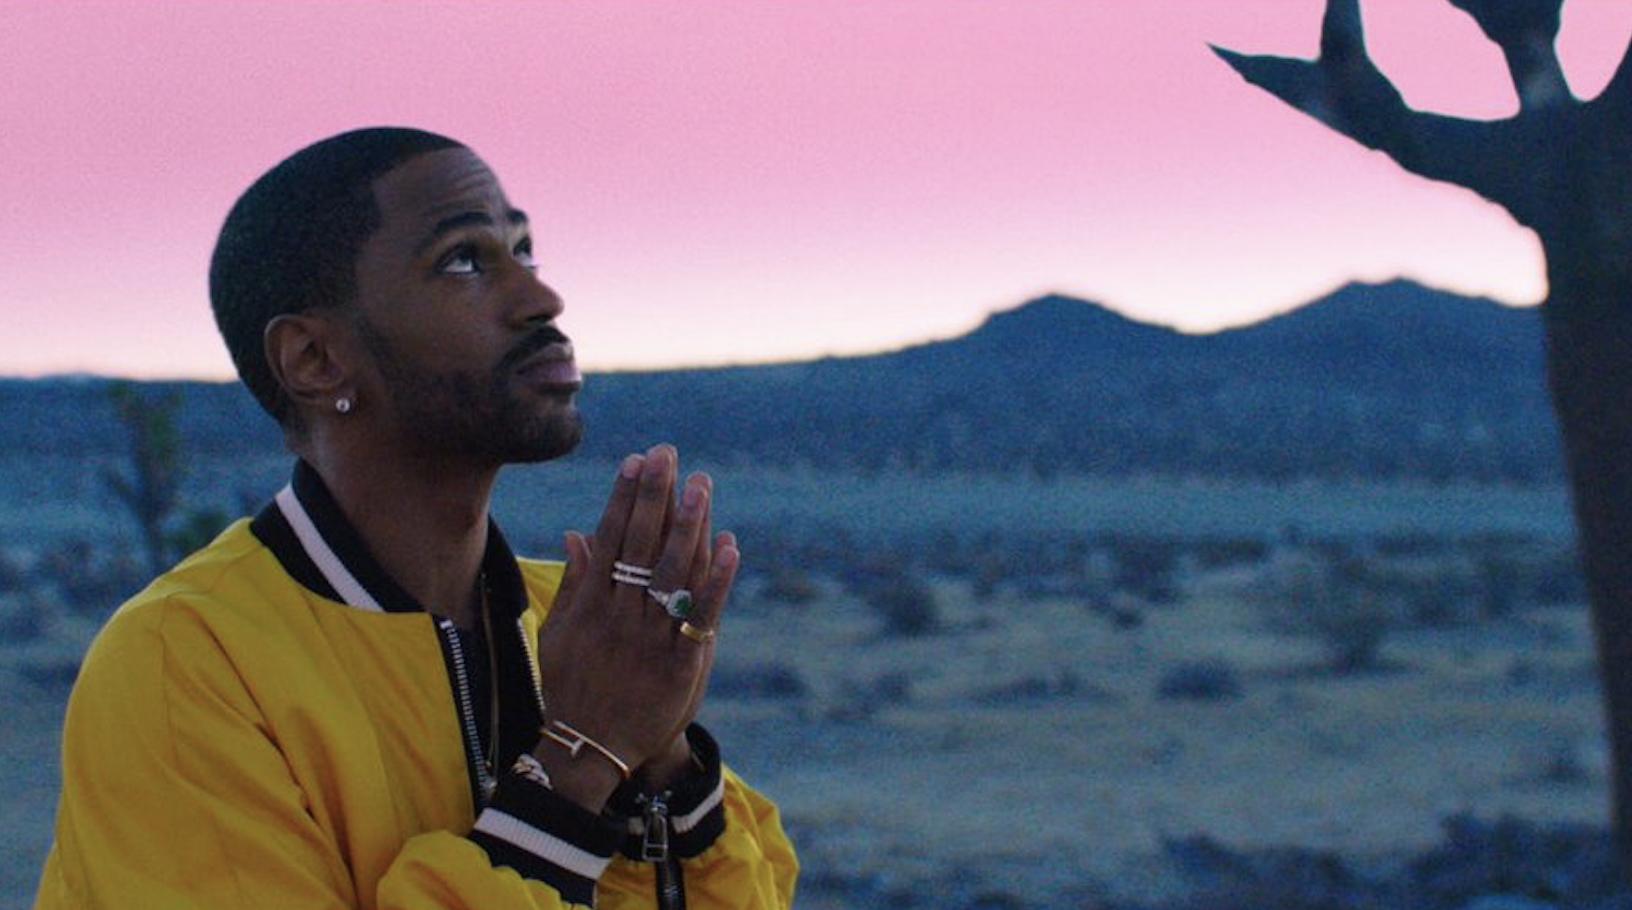 Big Sean psychédélique dans son dernier clip «Bounce Back»